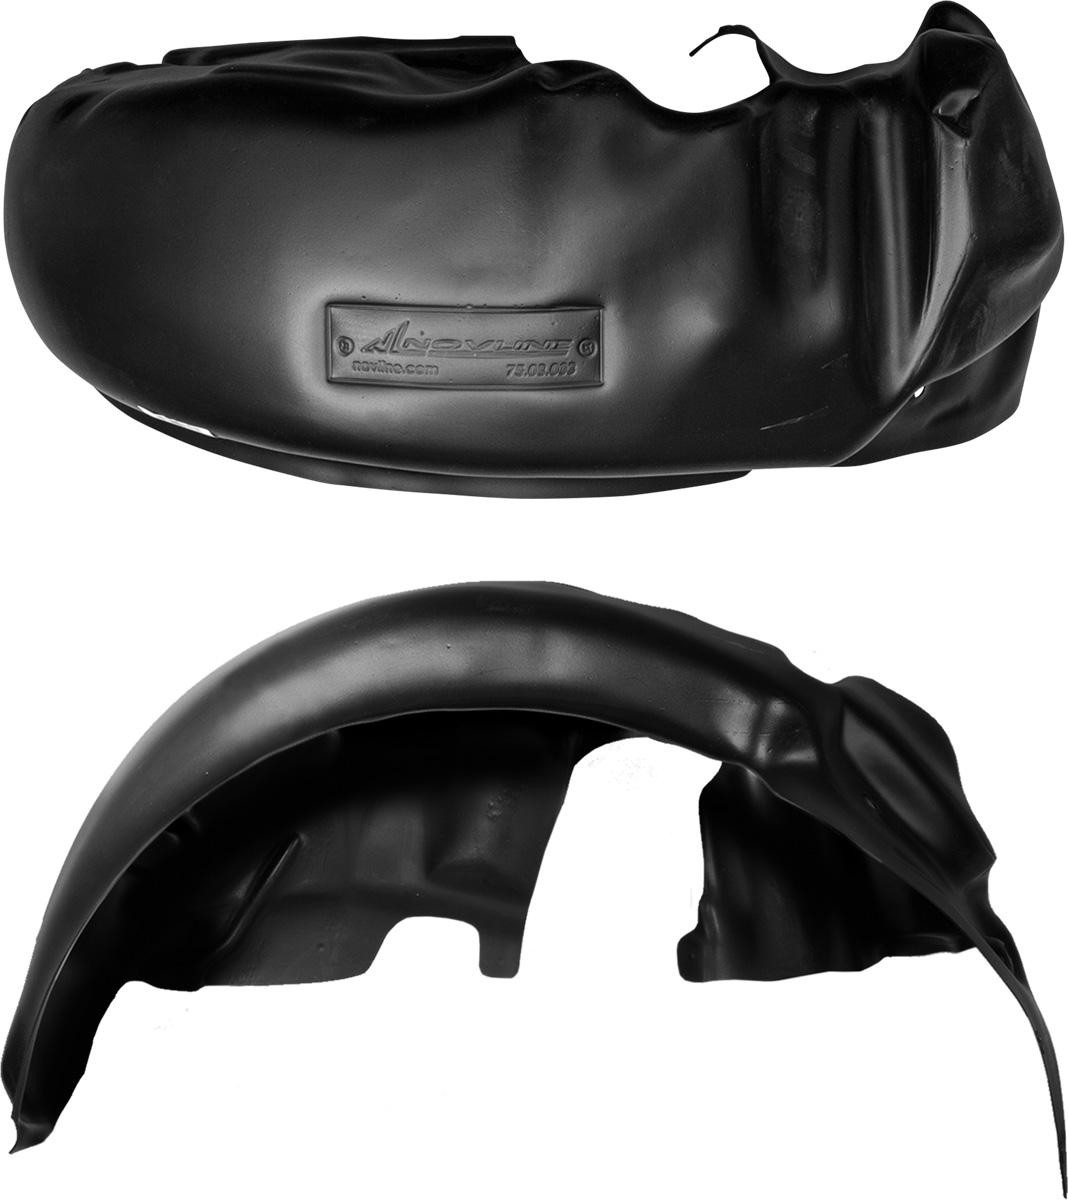 Подкрылок Novline-Autofamily, для Fiat Ducato, 2006-2012, передний левыйNLL.15.10.001Колесные ниши - одни из самых уязвимых зон днища вашего автомобиля. Они постоянно подвергаются воздействию со стороны дороги. Лучшая, почти абсолютная защита для них - специально отформованные пластиковые кожухи, которые называются подкрылками. Производятся они как для отечественных моделей автомобилей, так и для иномарок. Подкрылки Novline-Autofamily выполнены из высококачественного, экологически чистого пластика. Обеспечивают надежную защиту кузова автомобиля от пескоструйного эффекта и негативного влияния, агрессивных антигололедных реагентов. Пластик обладает более низкой теплопроводностью, чем металл, поэтому в зимний период эксплуатации использование пластиковых подкрылков позволяет лучше защитить колесные ниши от налипания снега и образования наледи. Оригинальность конструкции подчеркивает элегантность автомобиля, бережно защищает нанесенное на днище кузова антикоррозийное покрытие и позволяет осуществить крепление подкрылков внутри колесной арки практически без дополнительного крепежа и сверления, не нарушая при этом лакокрасочного покрытия, что предотвращает возникновение новых очагов коррозии. Подкрылки долговечны, обладают высокой прочностью и сохраняют заданную форму, а также все свои физико-механические характеристики в самых тяжелых климатических условиях (от -50°С до +50°С).Уважаемые клиенты!Обращаем ваше внимание, на тот факт, что подкрылок имеет форму, соответствующую модели данного автомобиля. Фото служит для визуального восприятия товара.